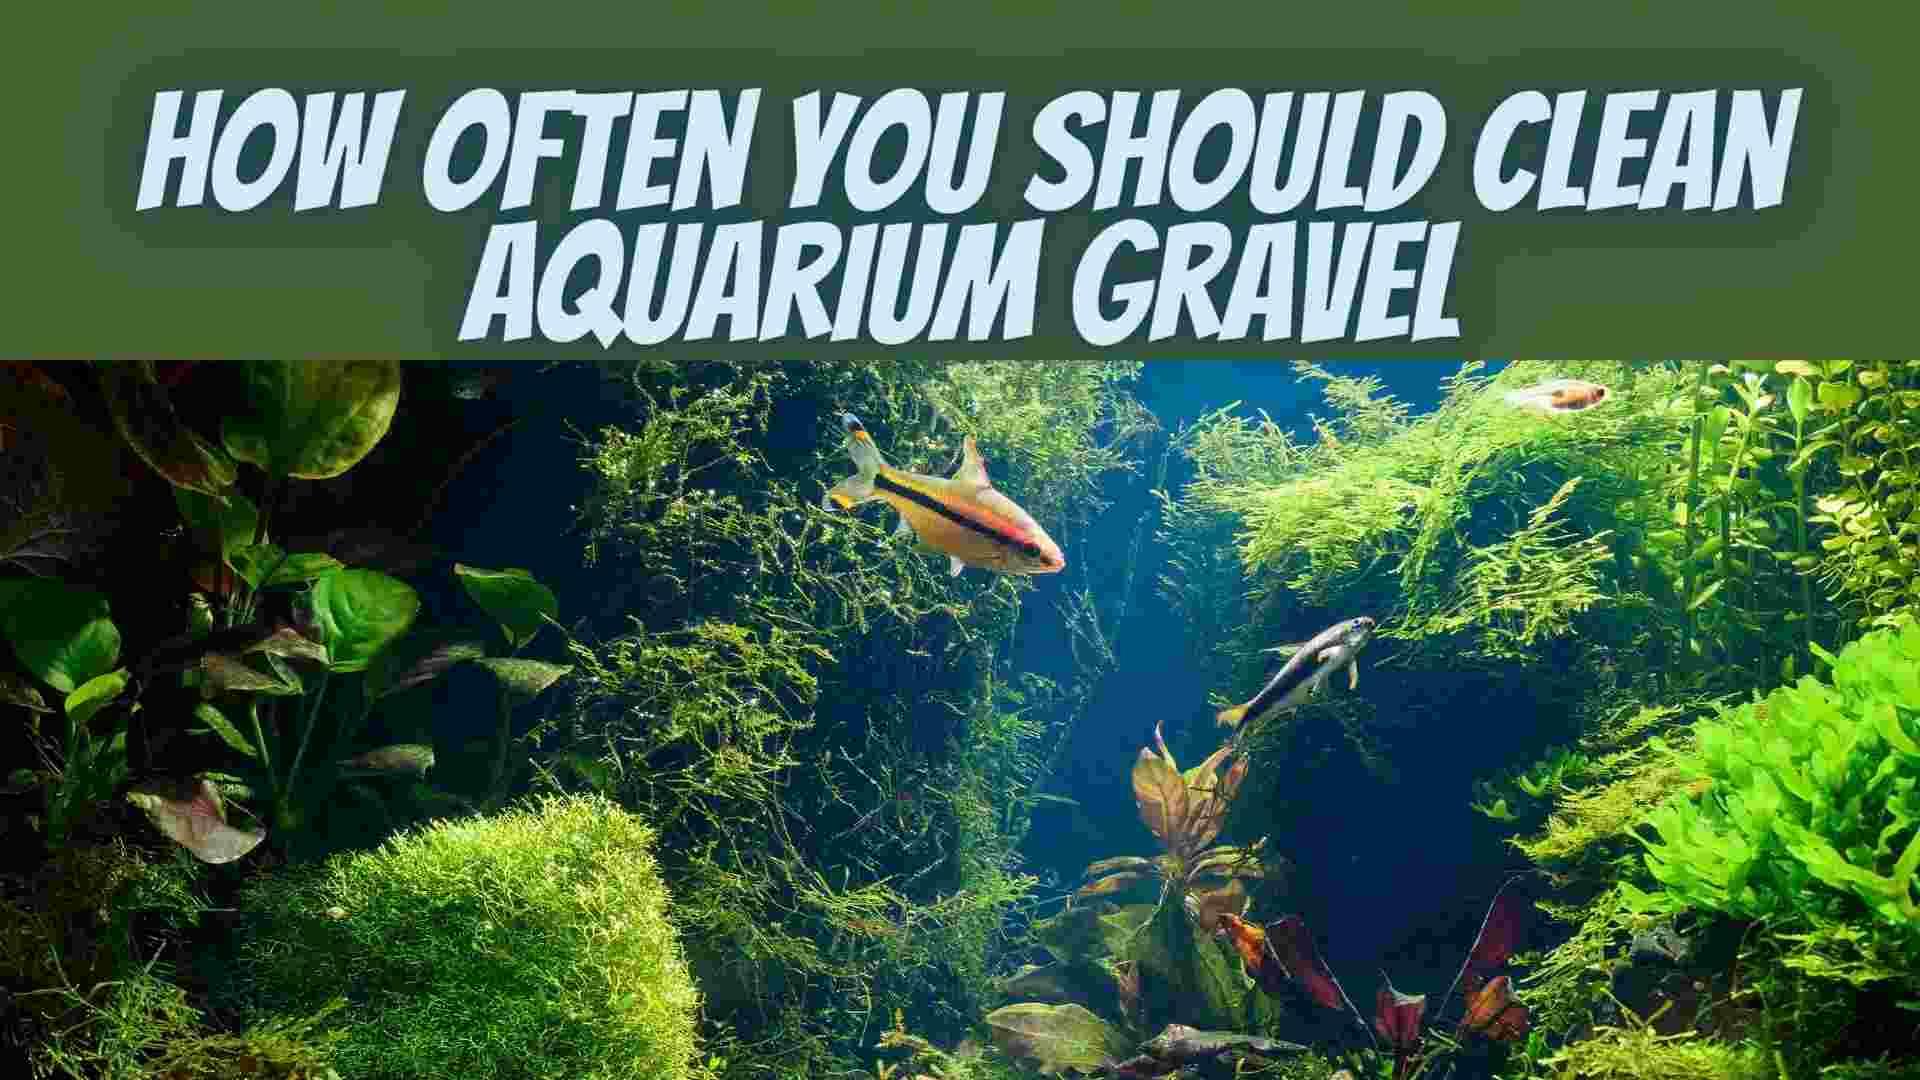 How Often You Should Clean Aquarium Gravel